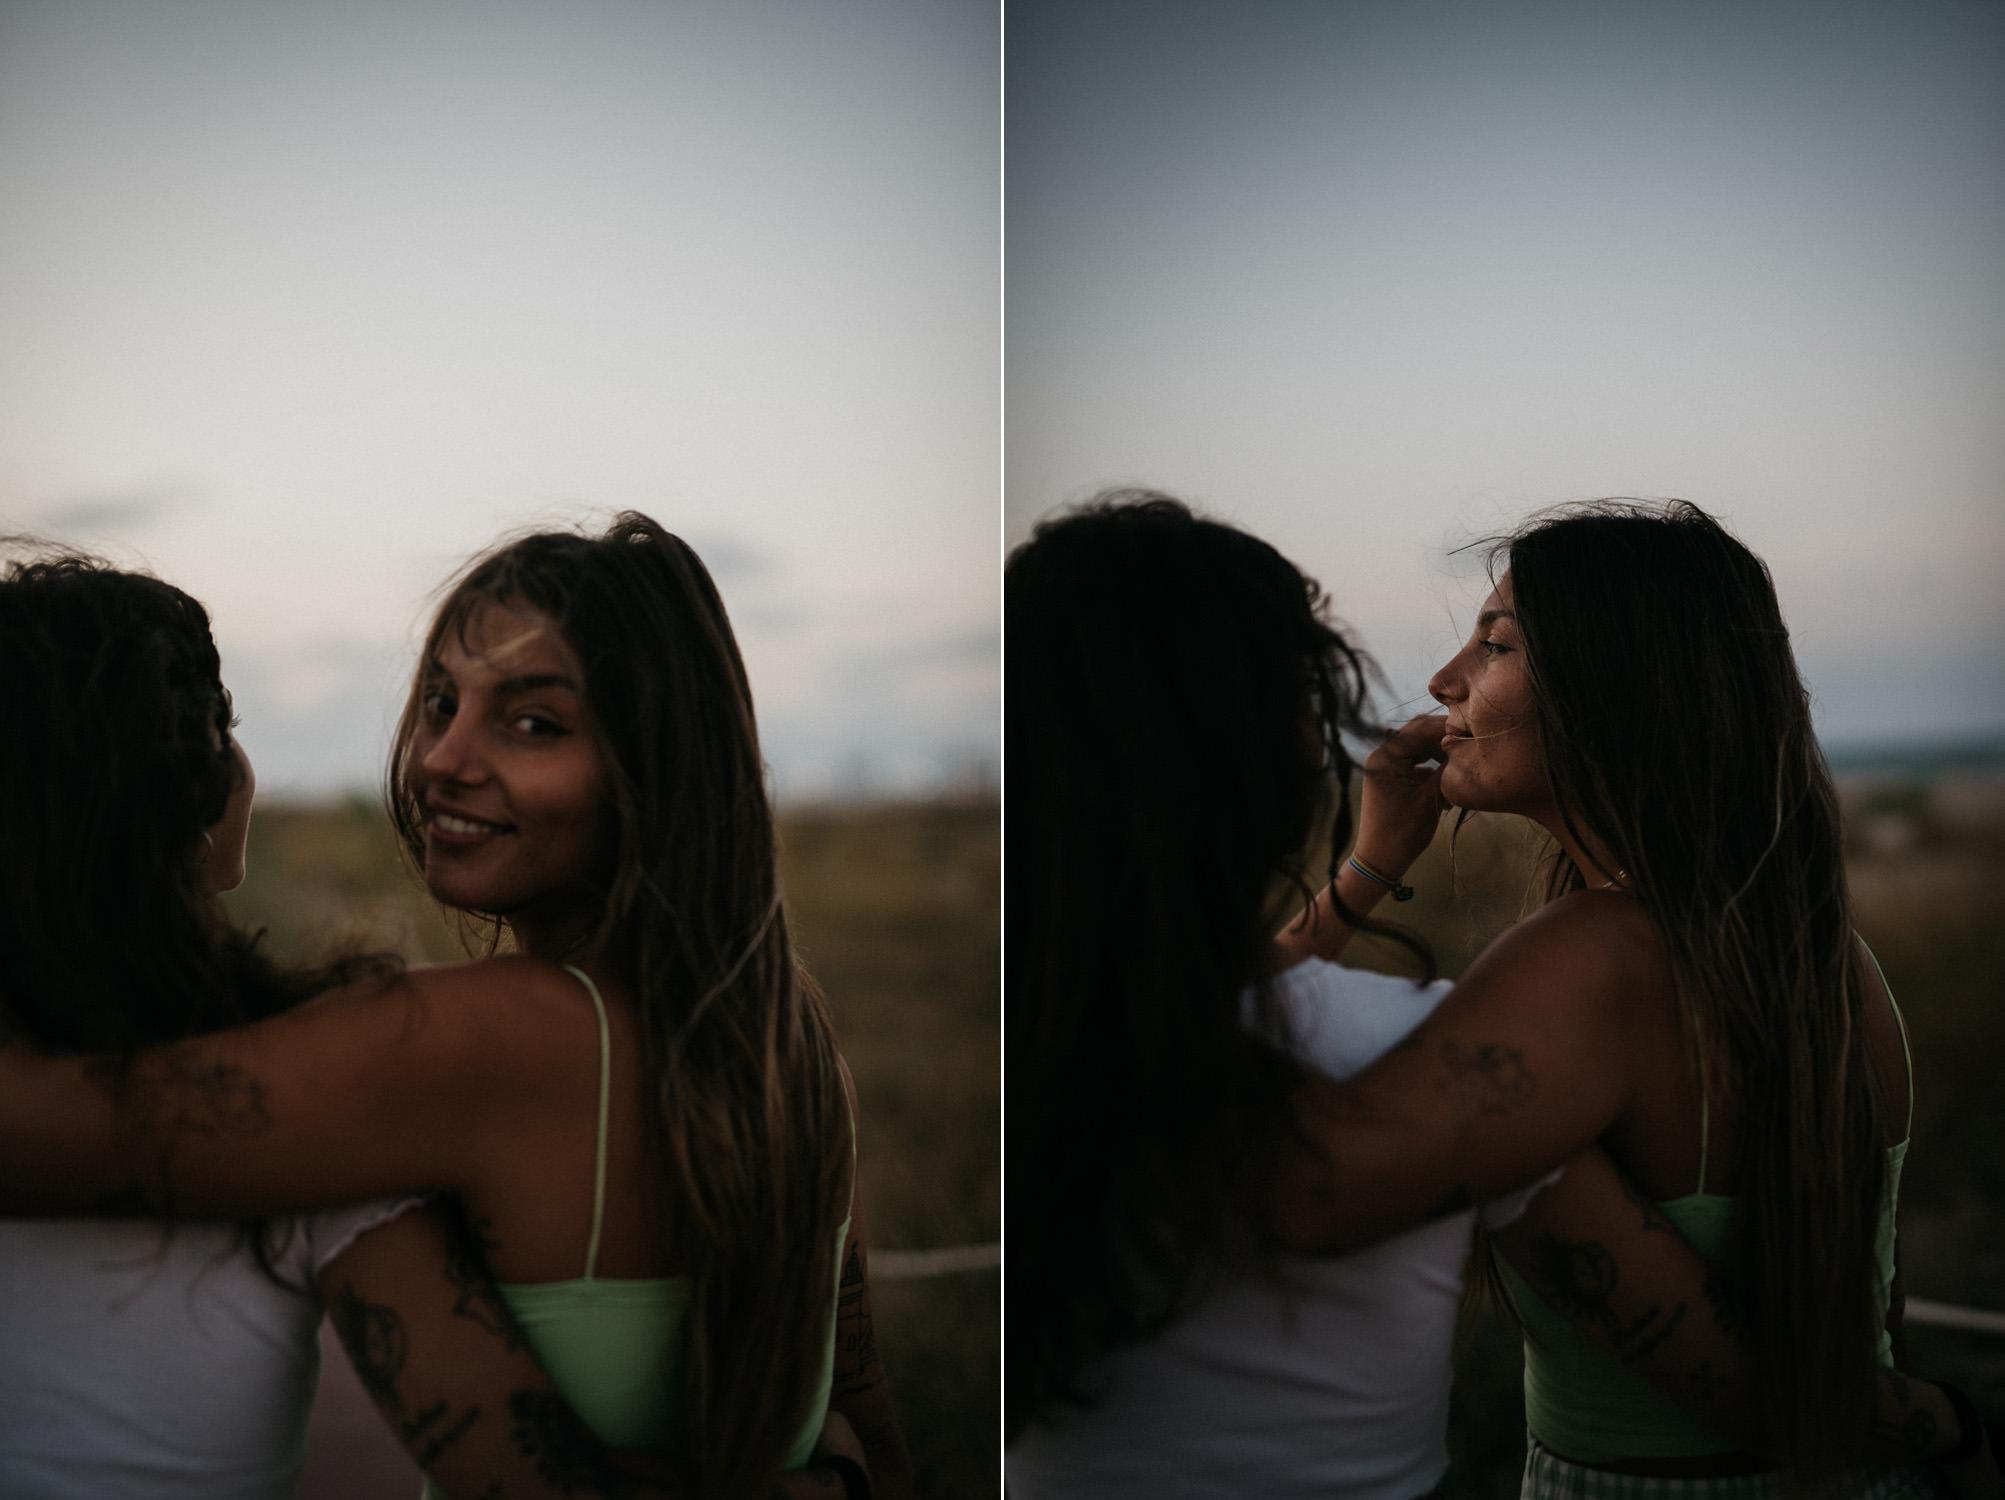 Couple photo shoot in Pinedo (Valencia)